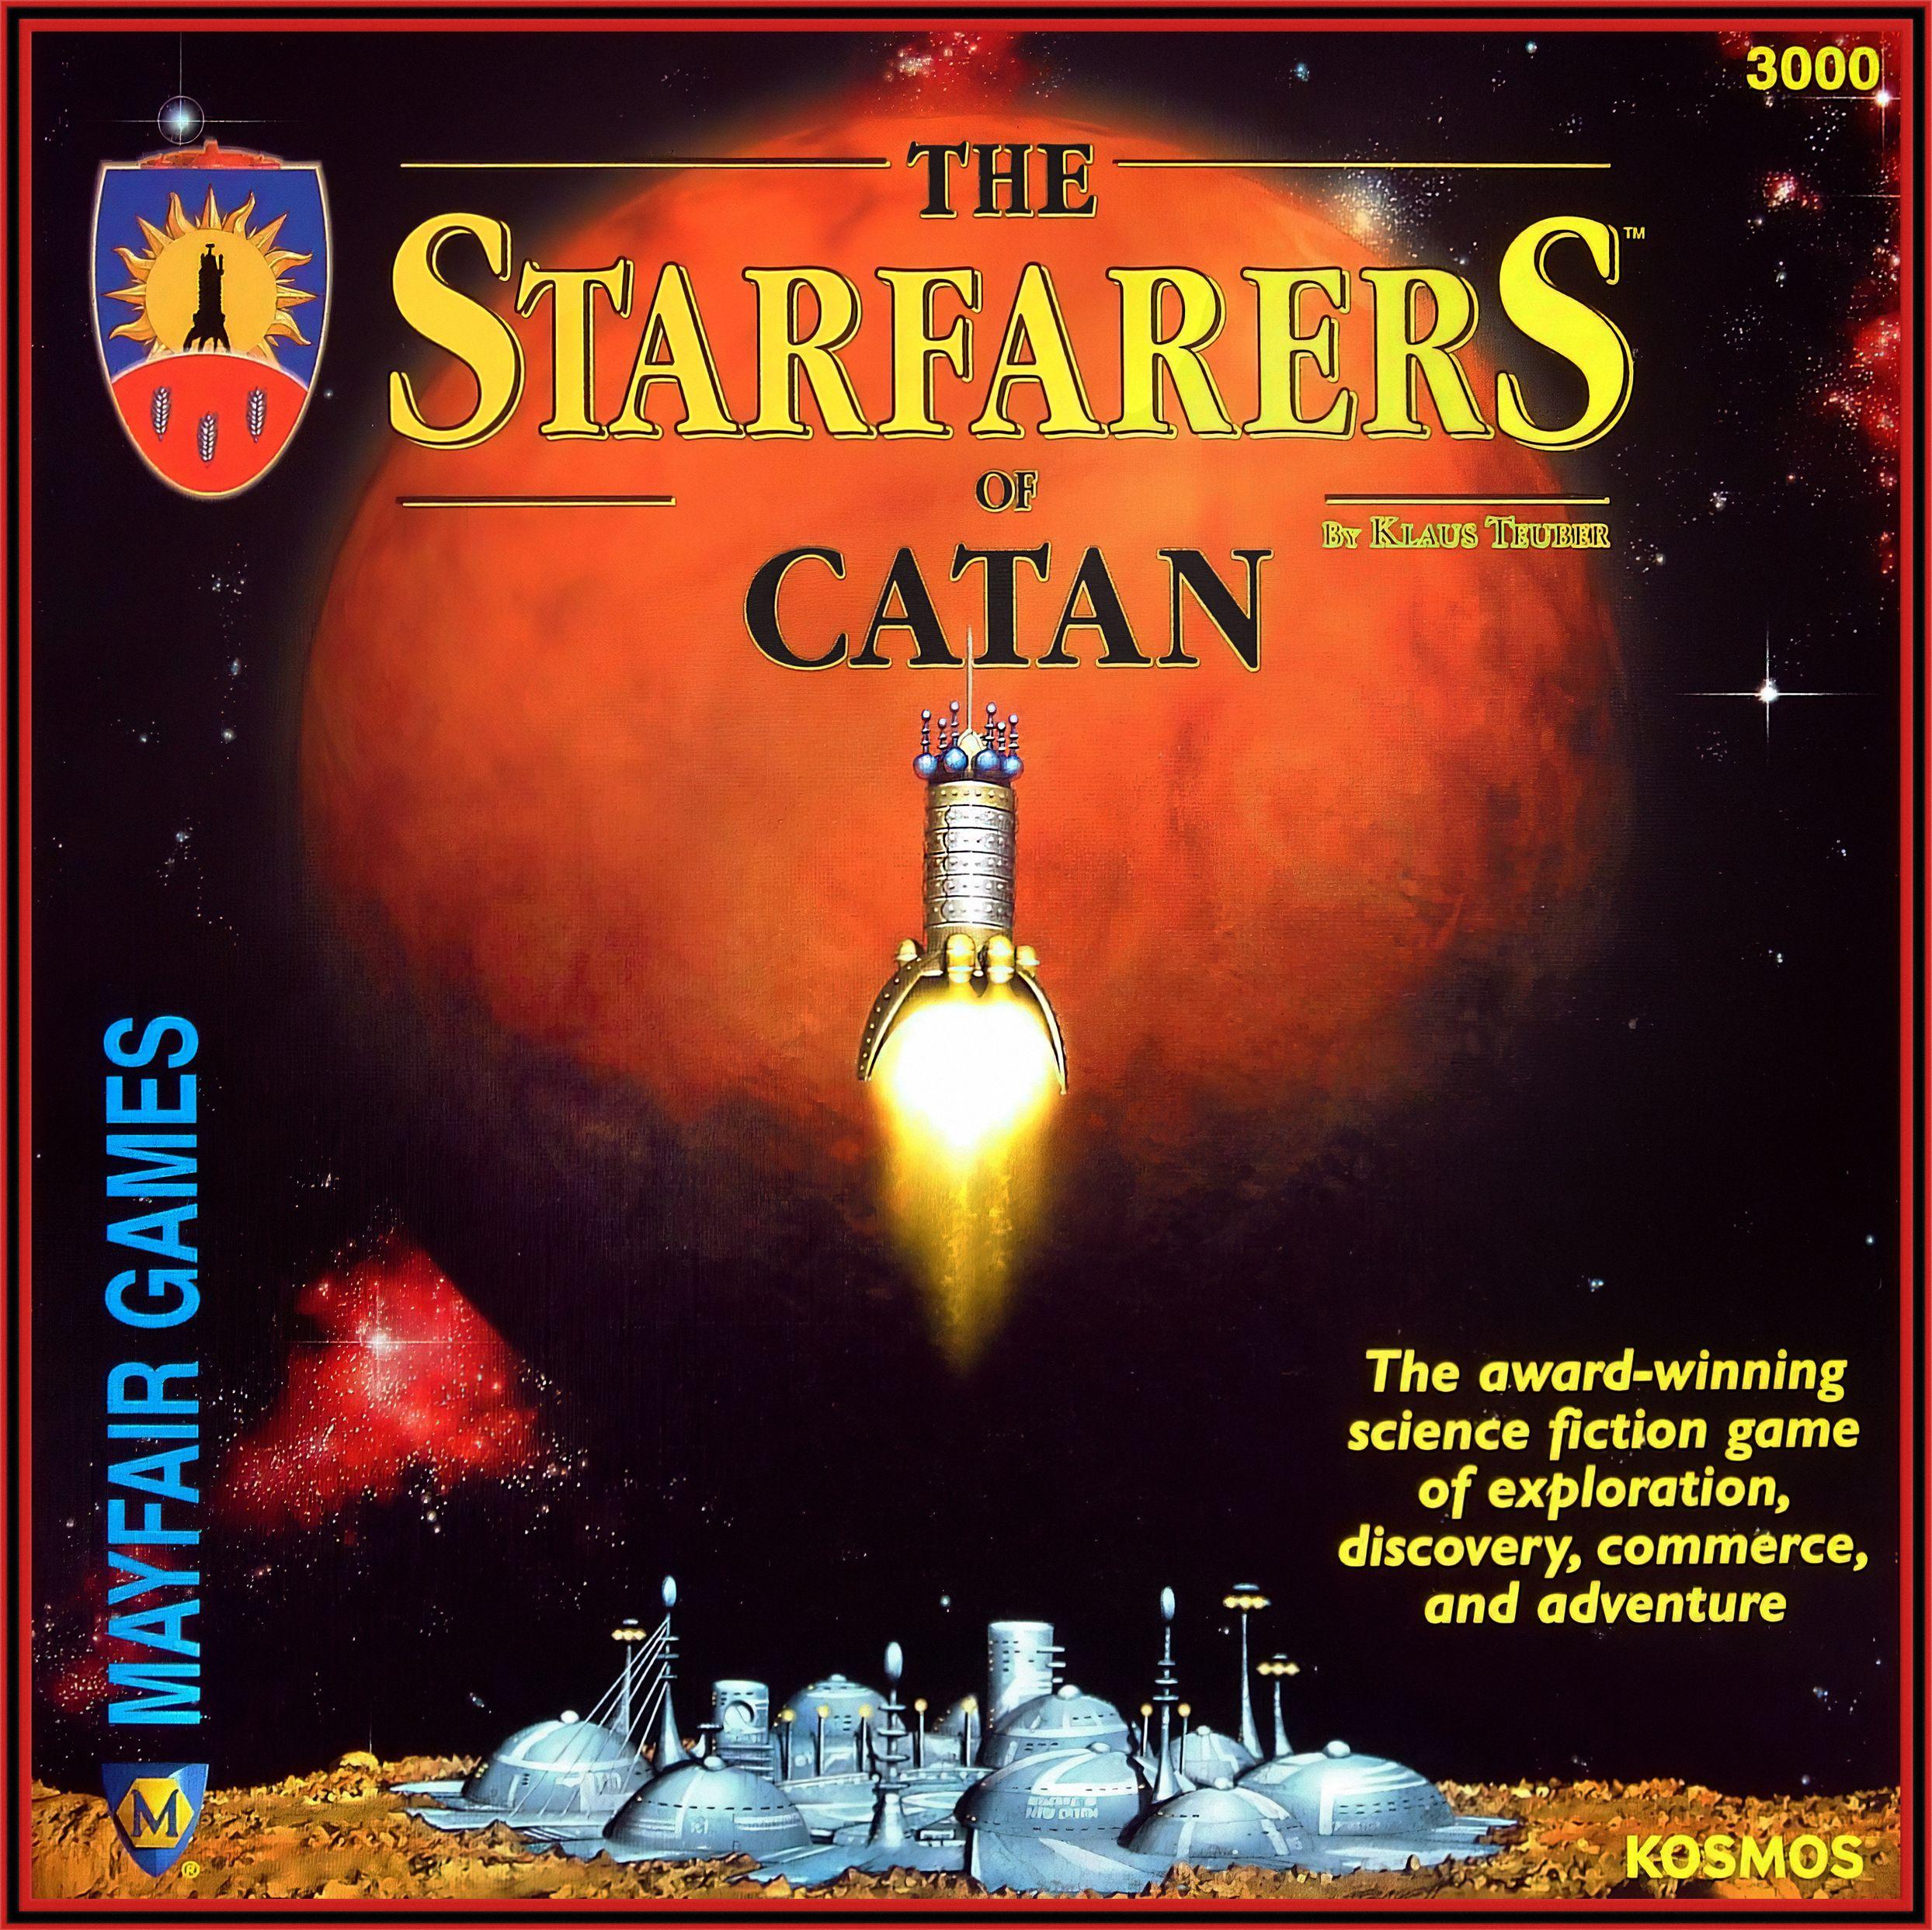 The Starfarers of Catan